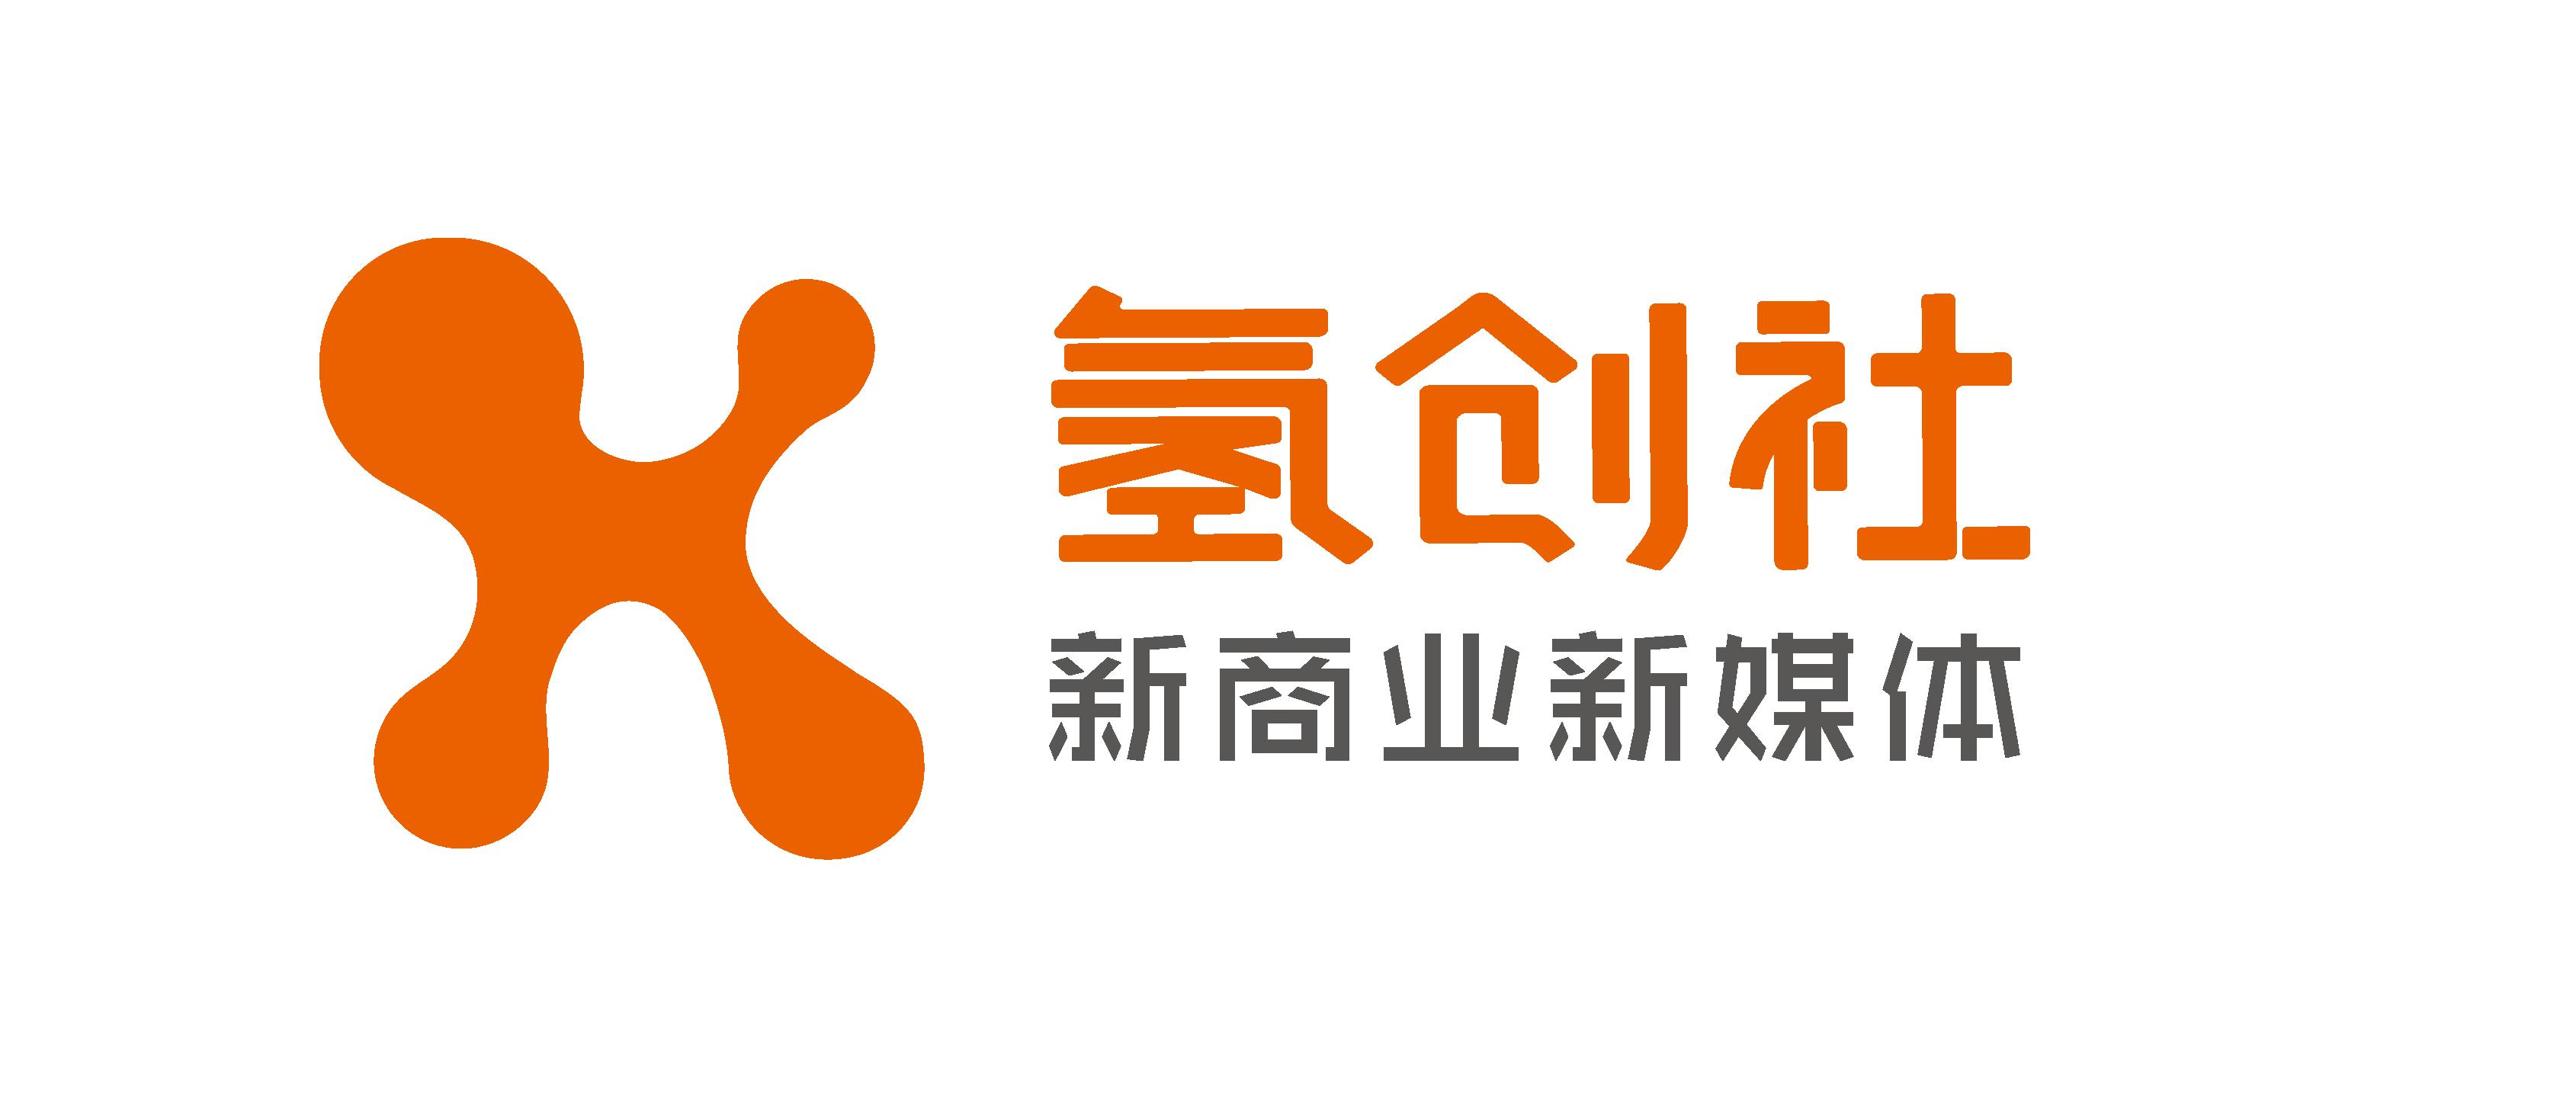 创业投资项目网,氢创社